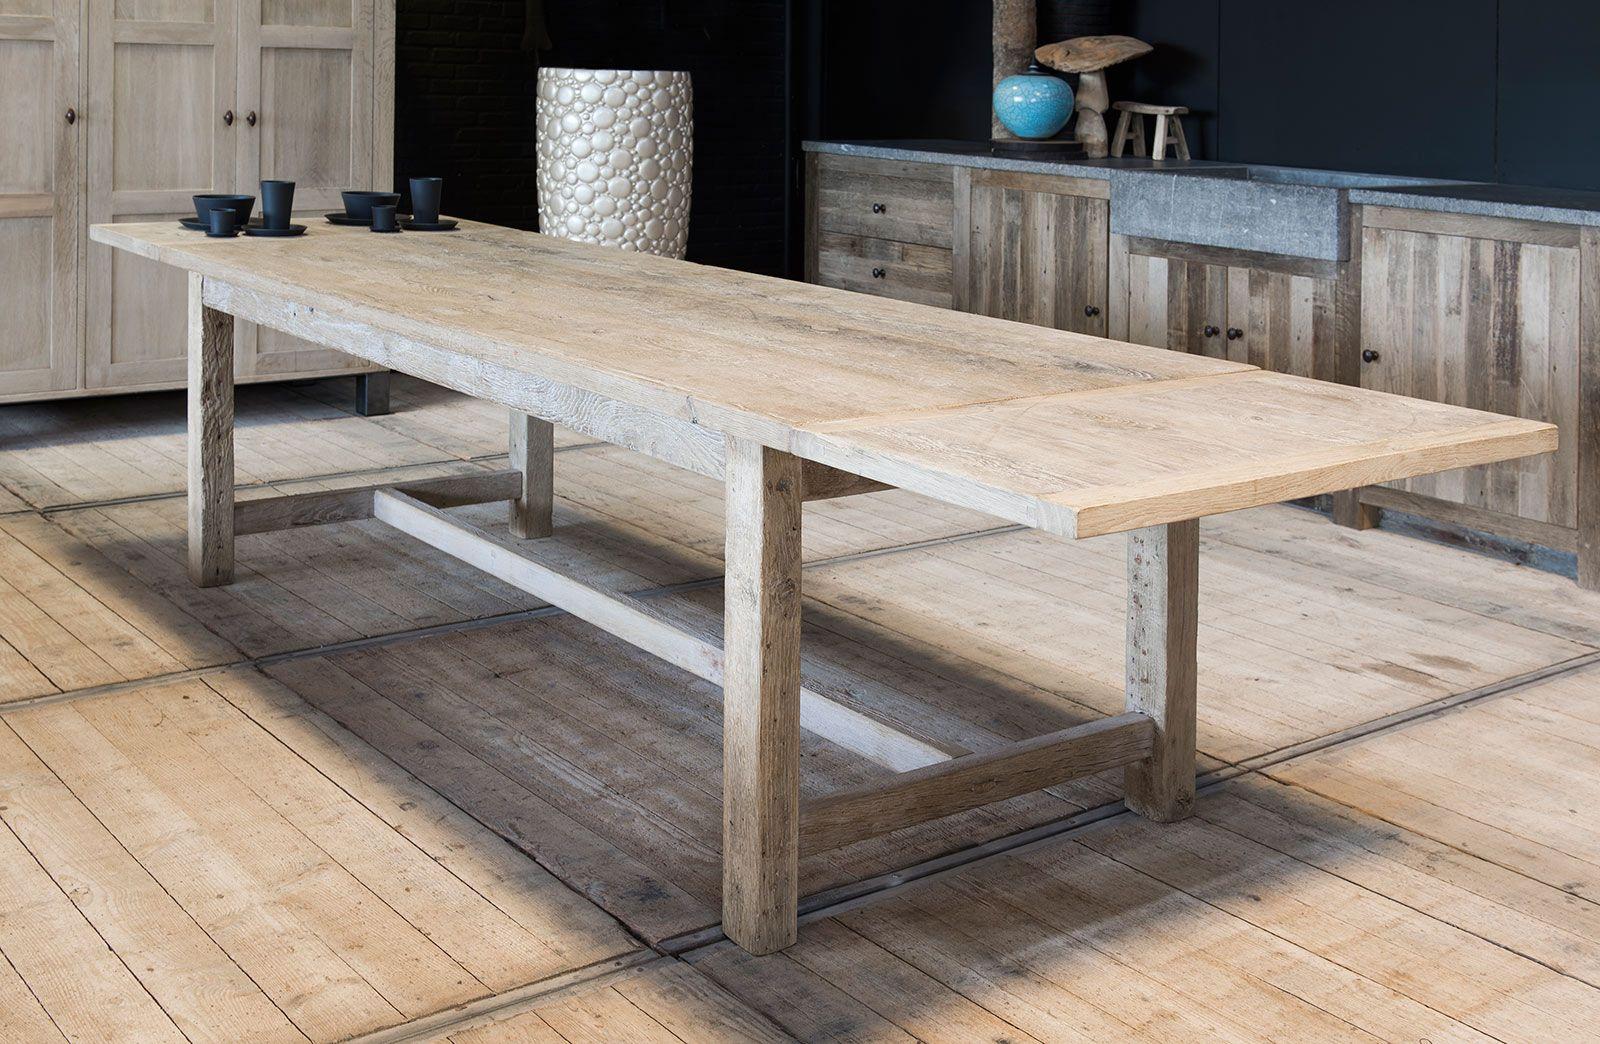 Grote Houten Tafels : Extra grote massieve houten tafel in oude eik landelijke stijl